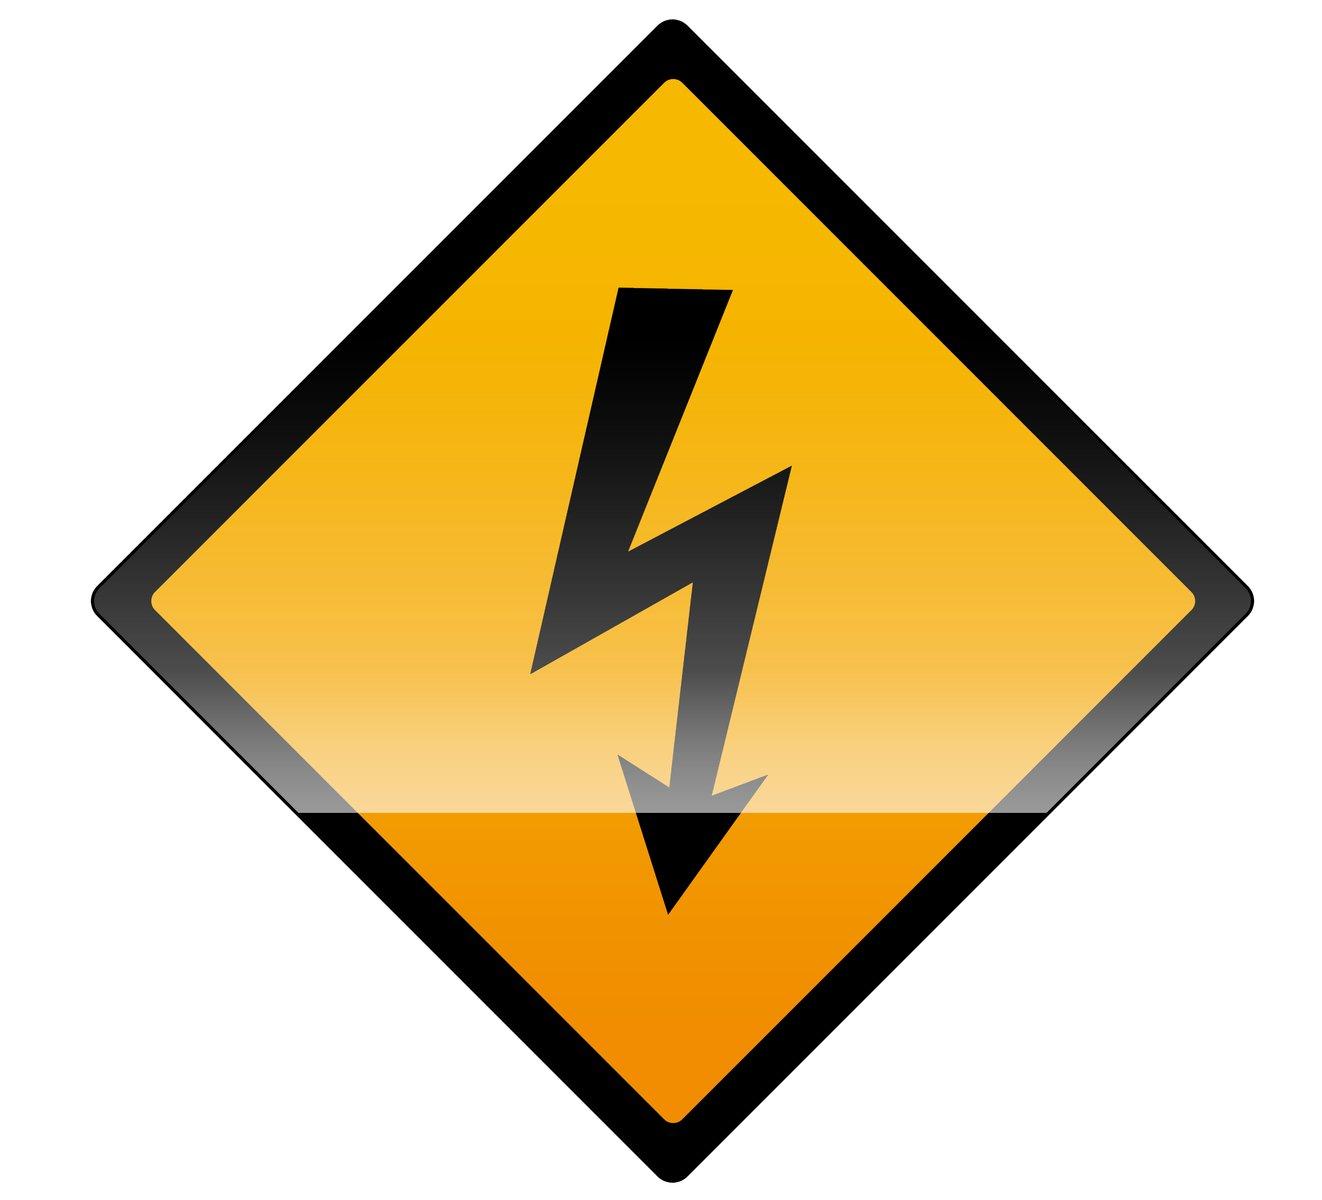 znak elektriny